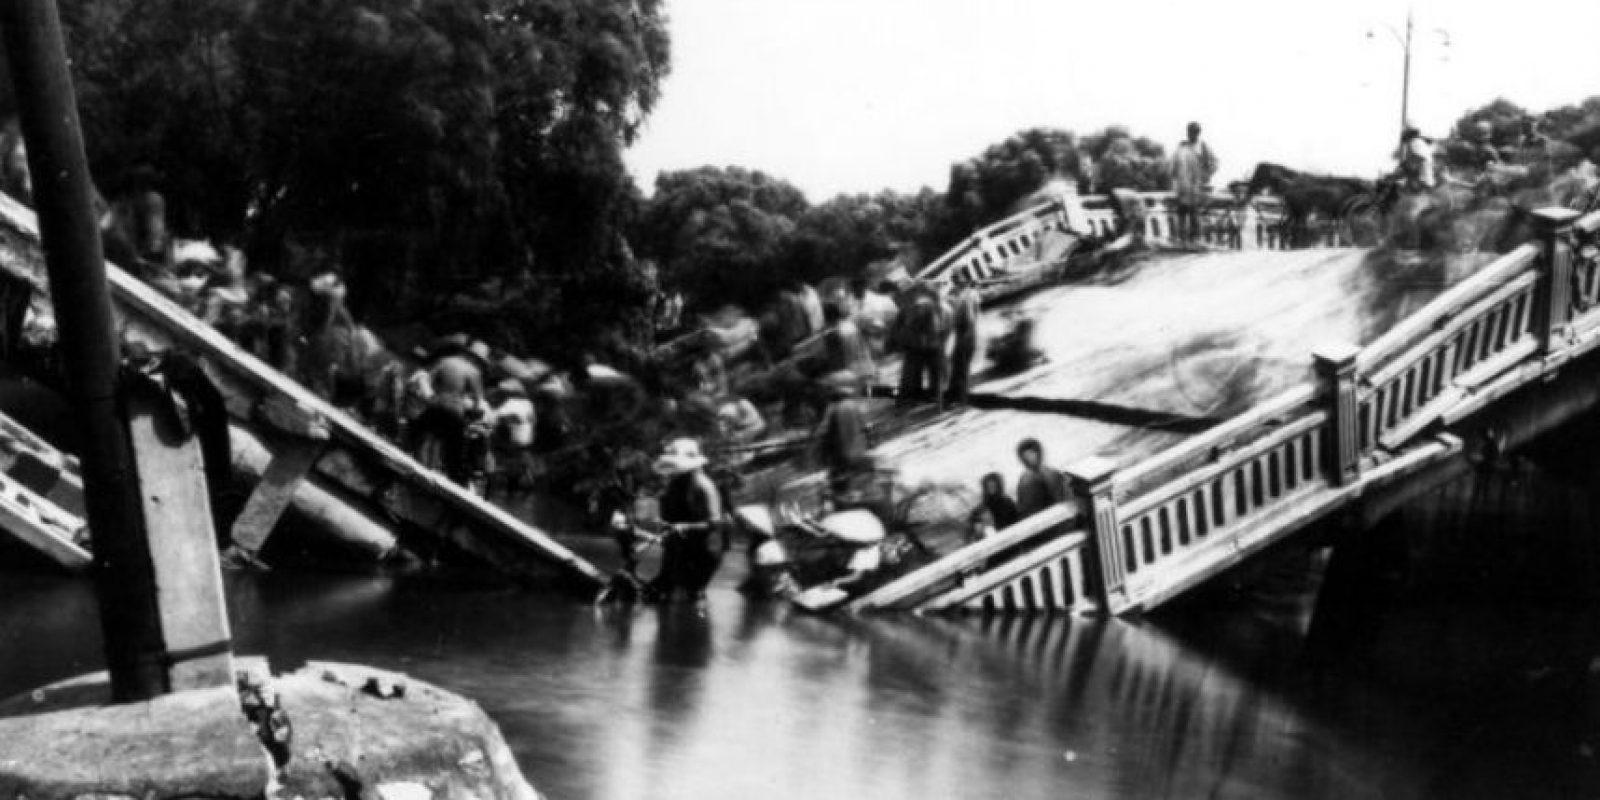 4. 28 de julio 1976, Tangshan, China: Con una magnitud de 7.5 se estima que pudo haber cobrado la vida de aproximadamente 655 mil personas Foto:Earthquake.usgs.gov